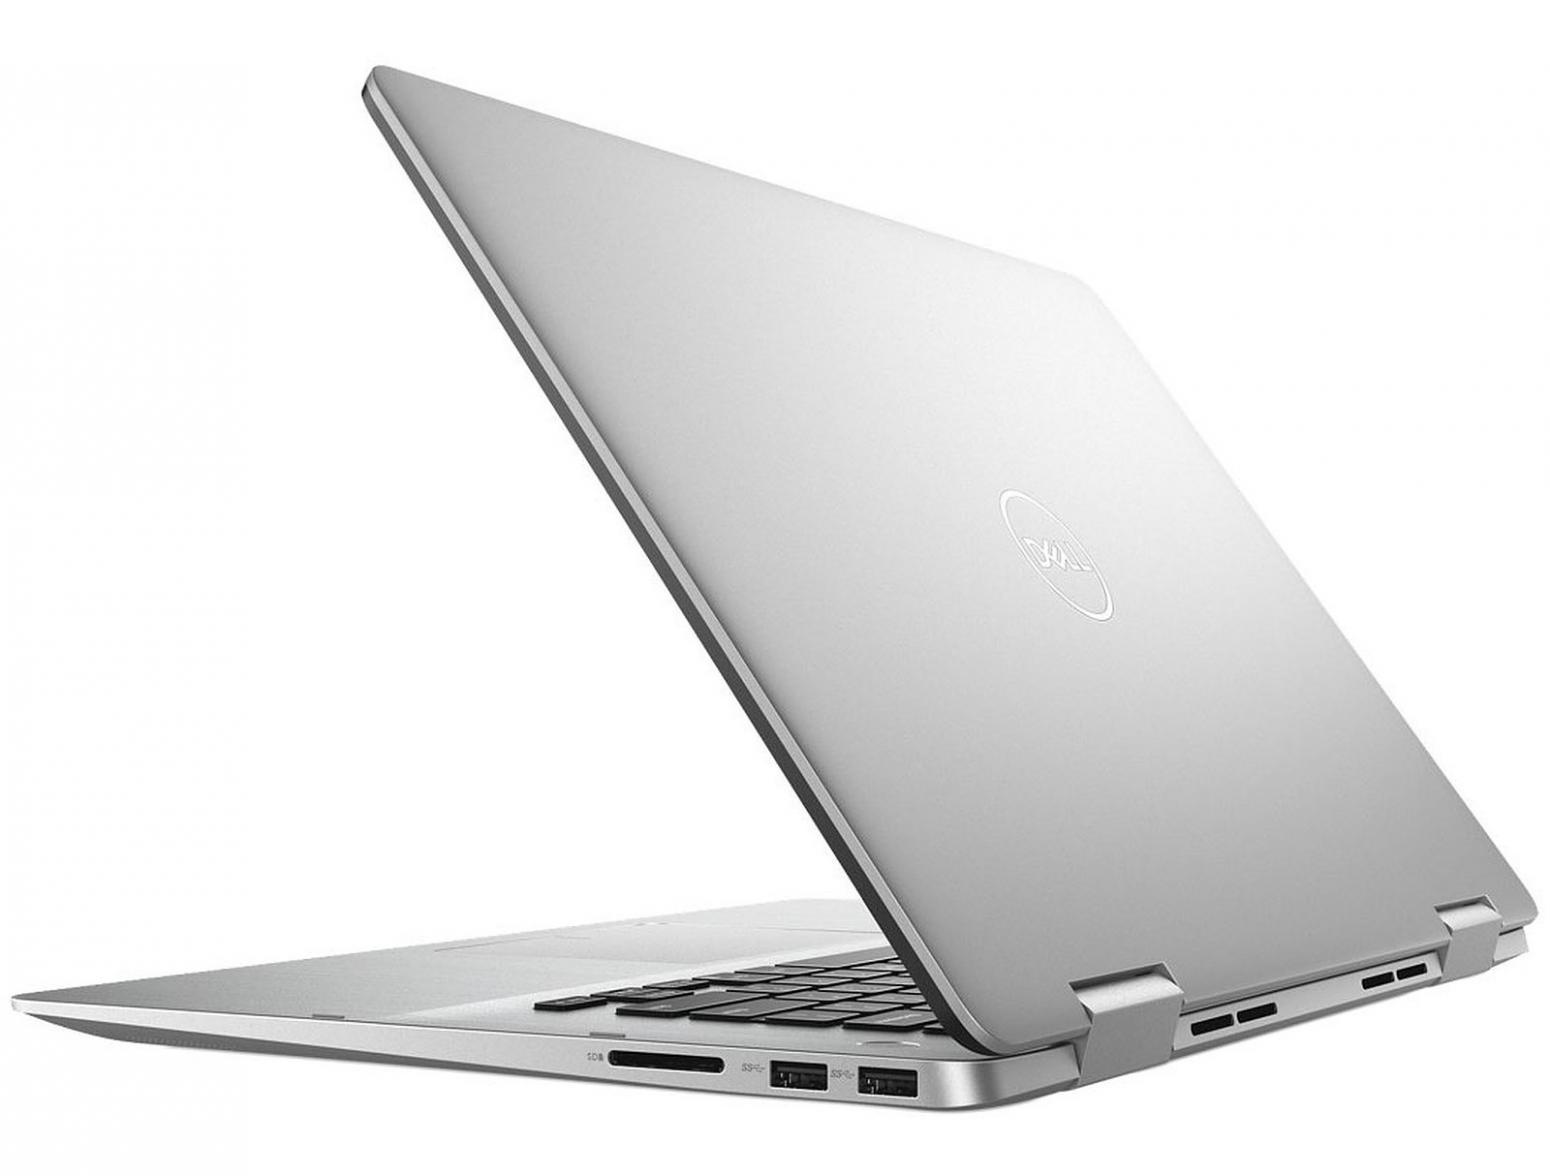 Ordinateur portable Dell Inspiron 15 7000 (7586) 2en1 Argent - photo 5